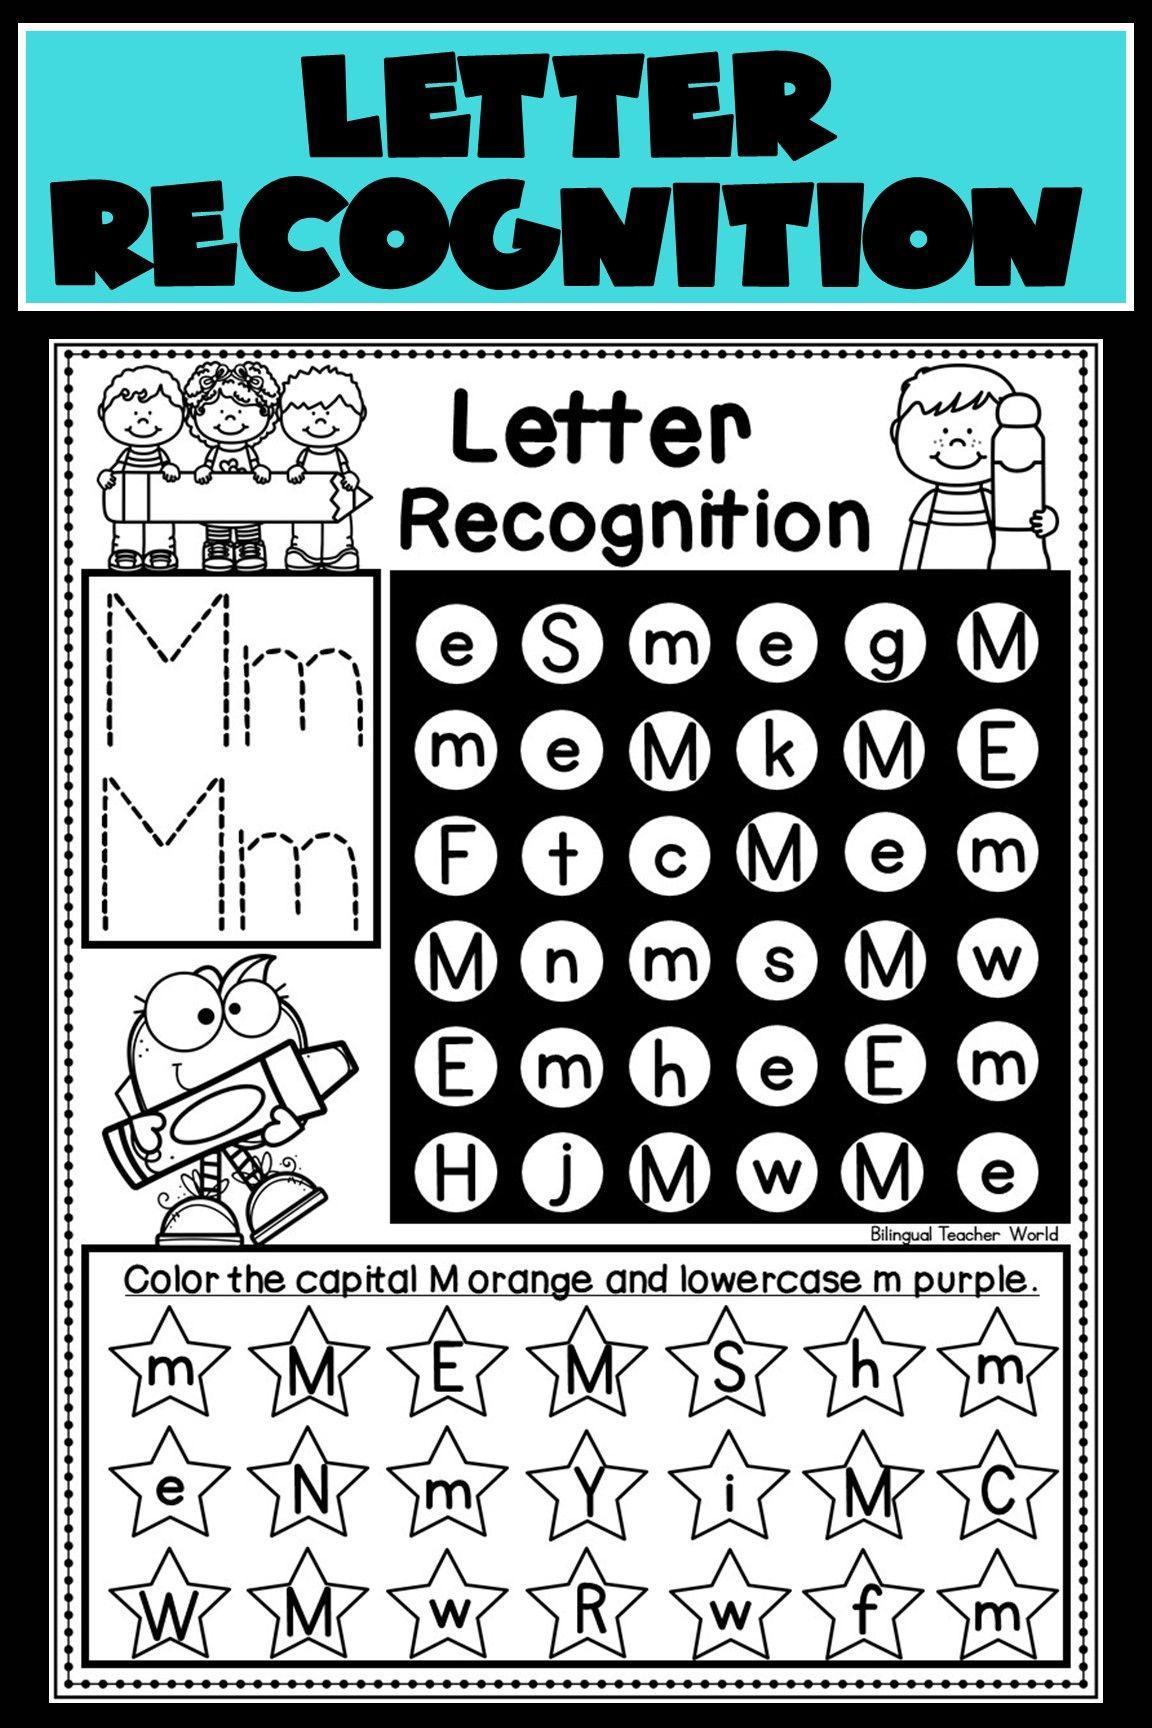 Letter Recognition Worksheets Alphabet Letter Recognition Activities In 2021 Letter Recognition Worksheets Letter Recognition Activities Letter Recognition [ 1728 x 1152 Pixel ]